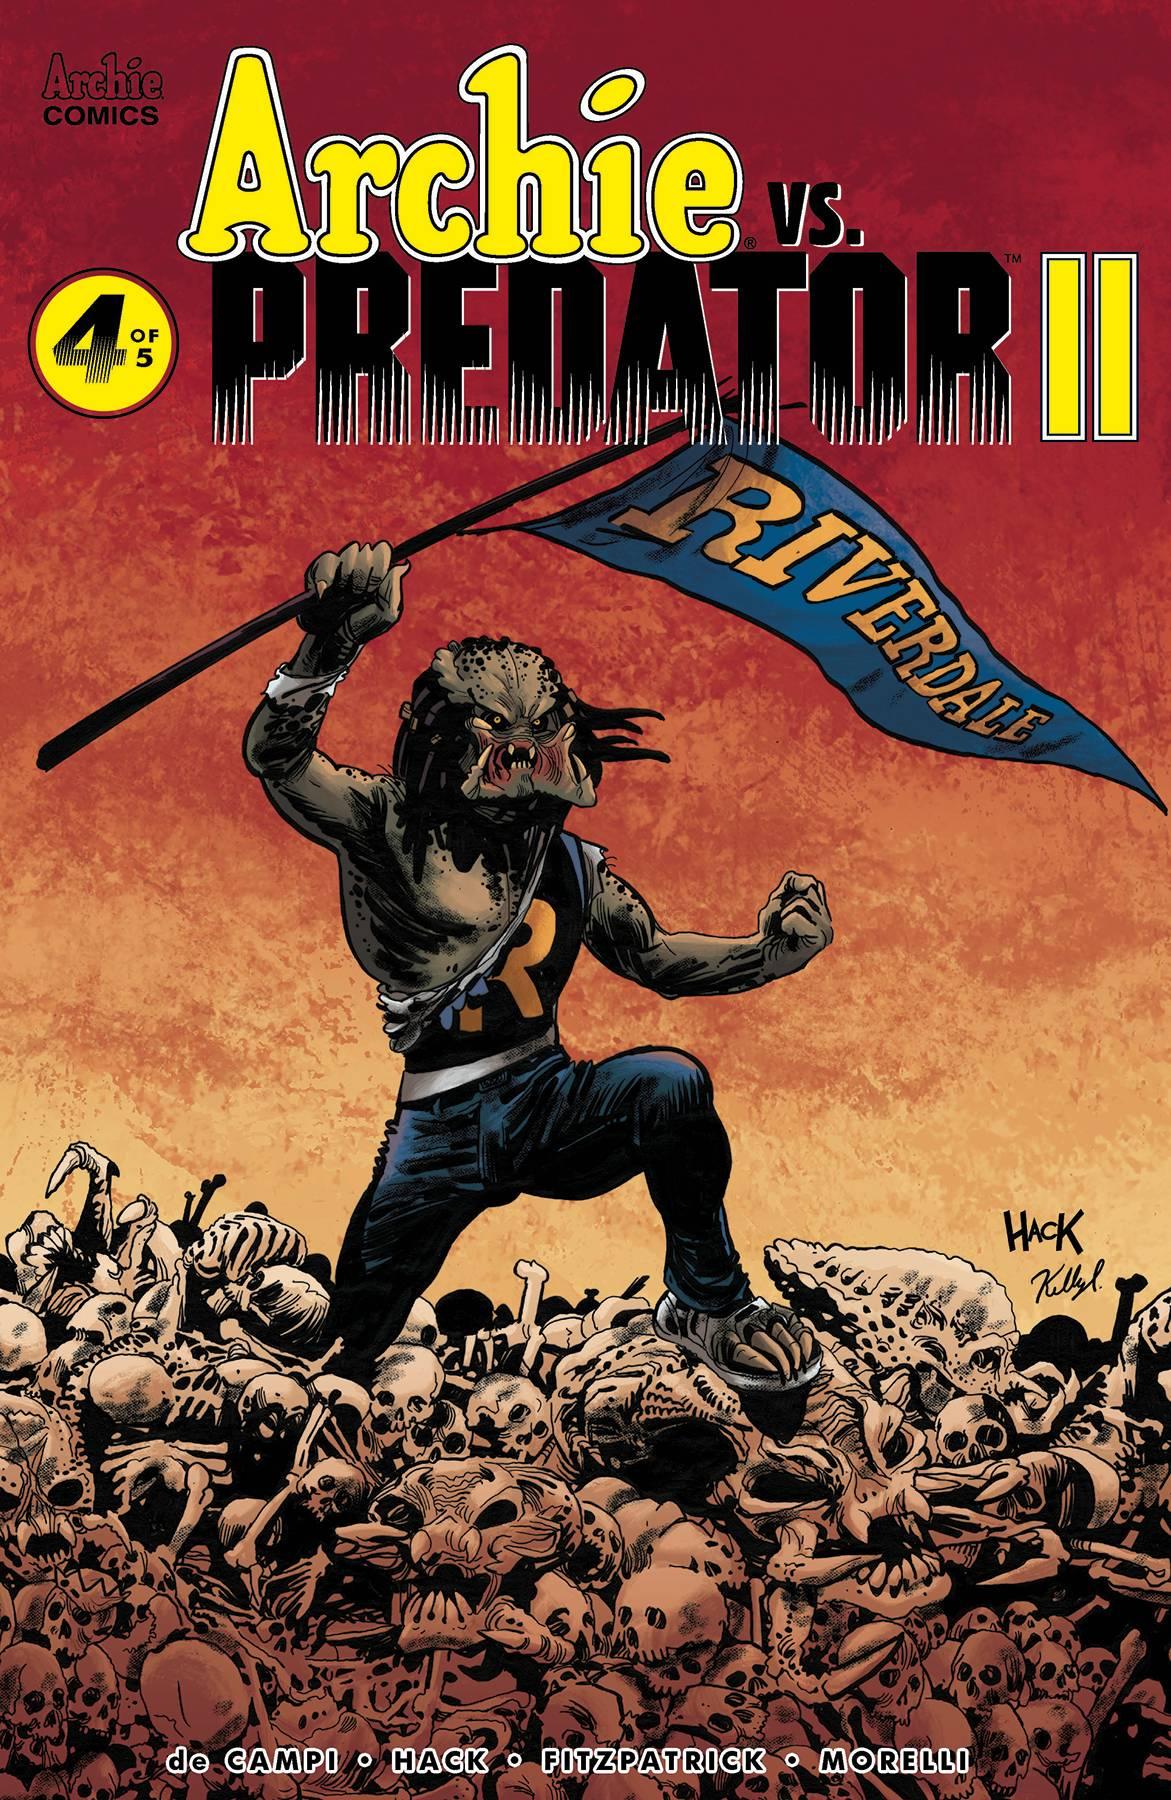 Archie vs Predator 2 #4 (2019)